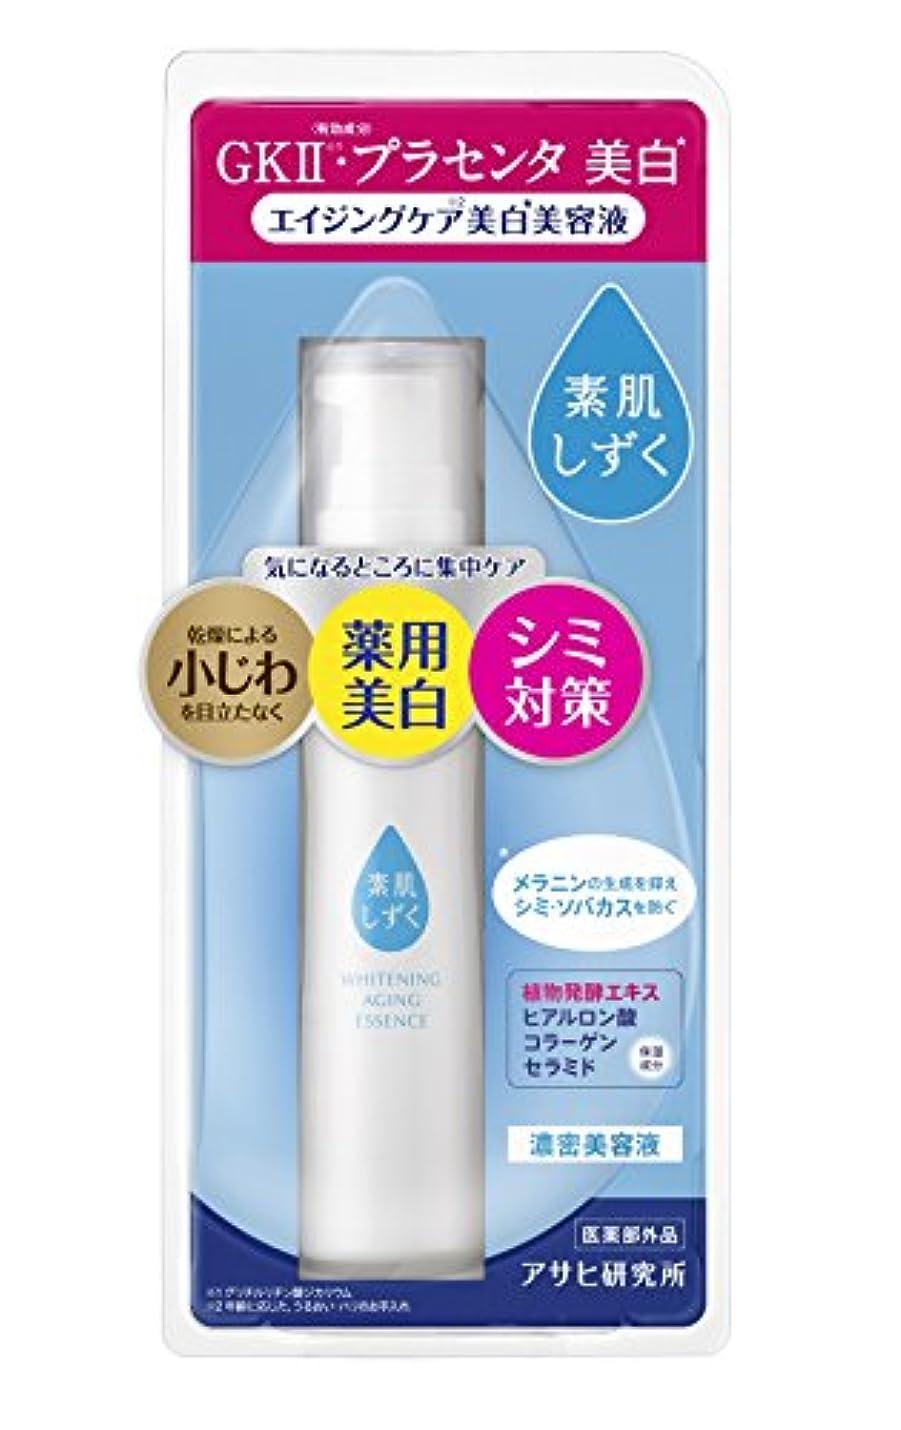 著者悪性の過言【医薬部外品】素肌しずく エイジング美白美容液 45ml